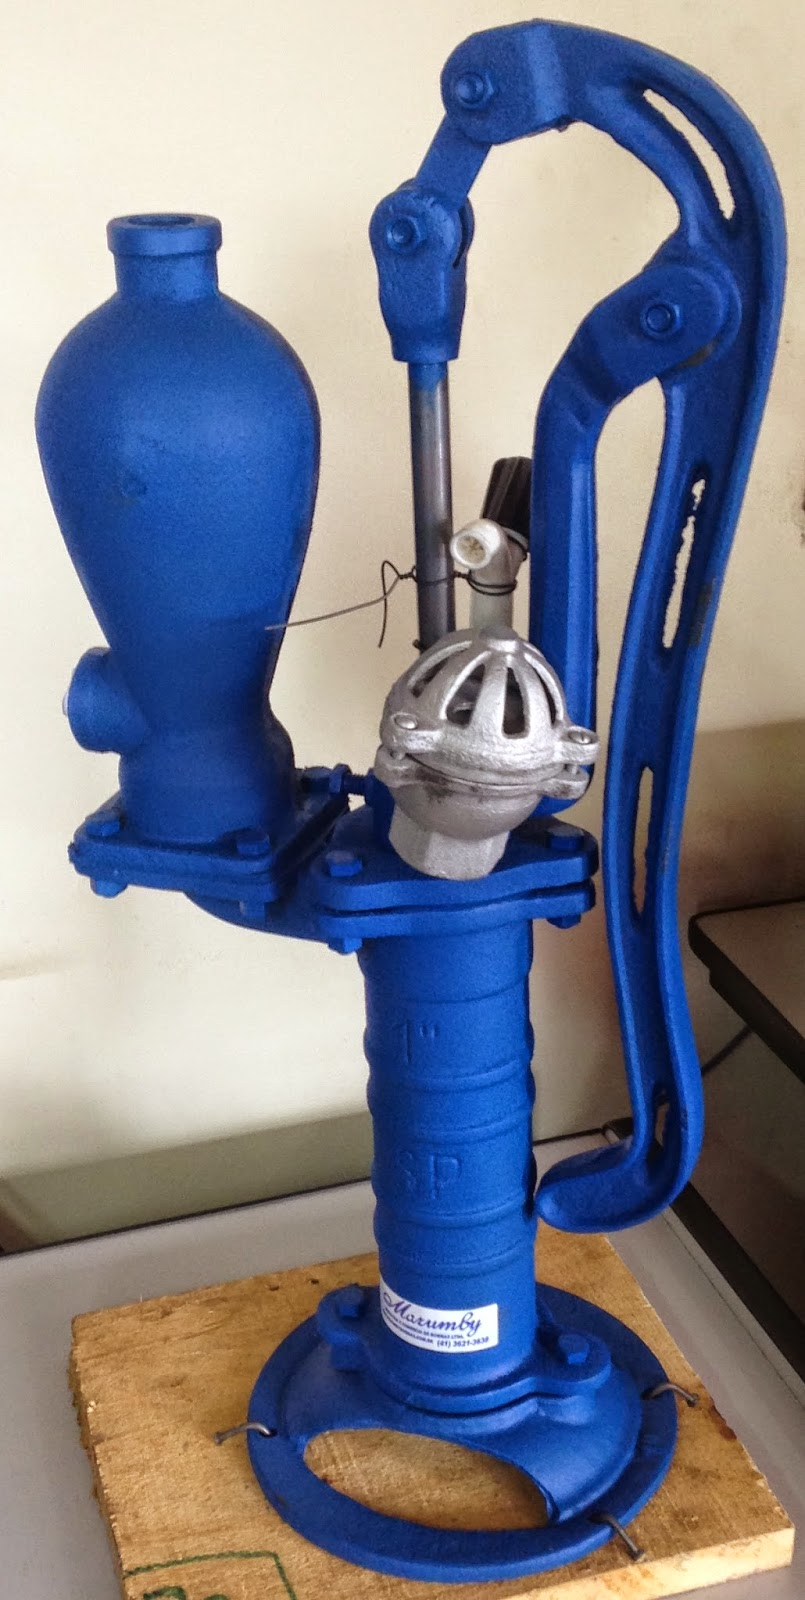 Marumby bombas bombas for Bomba de agua manual